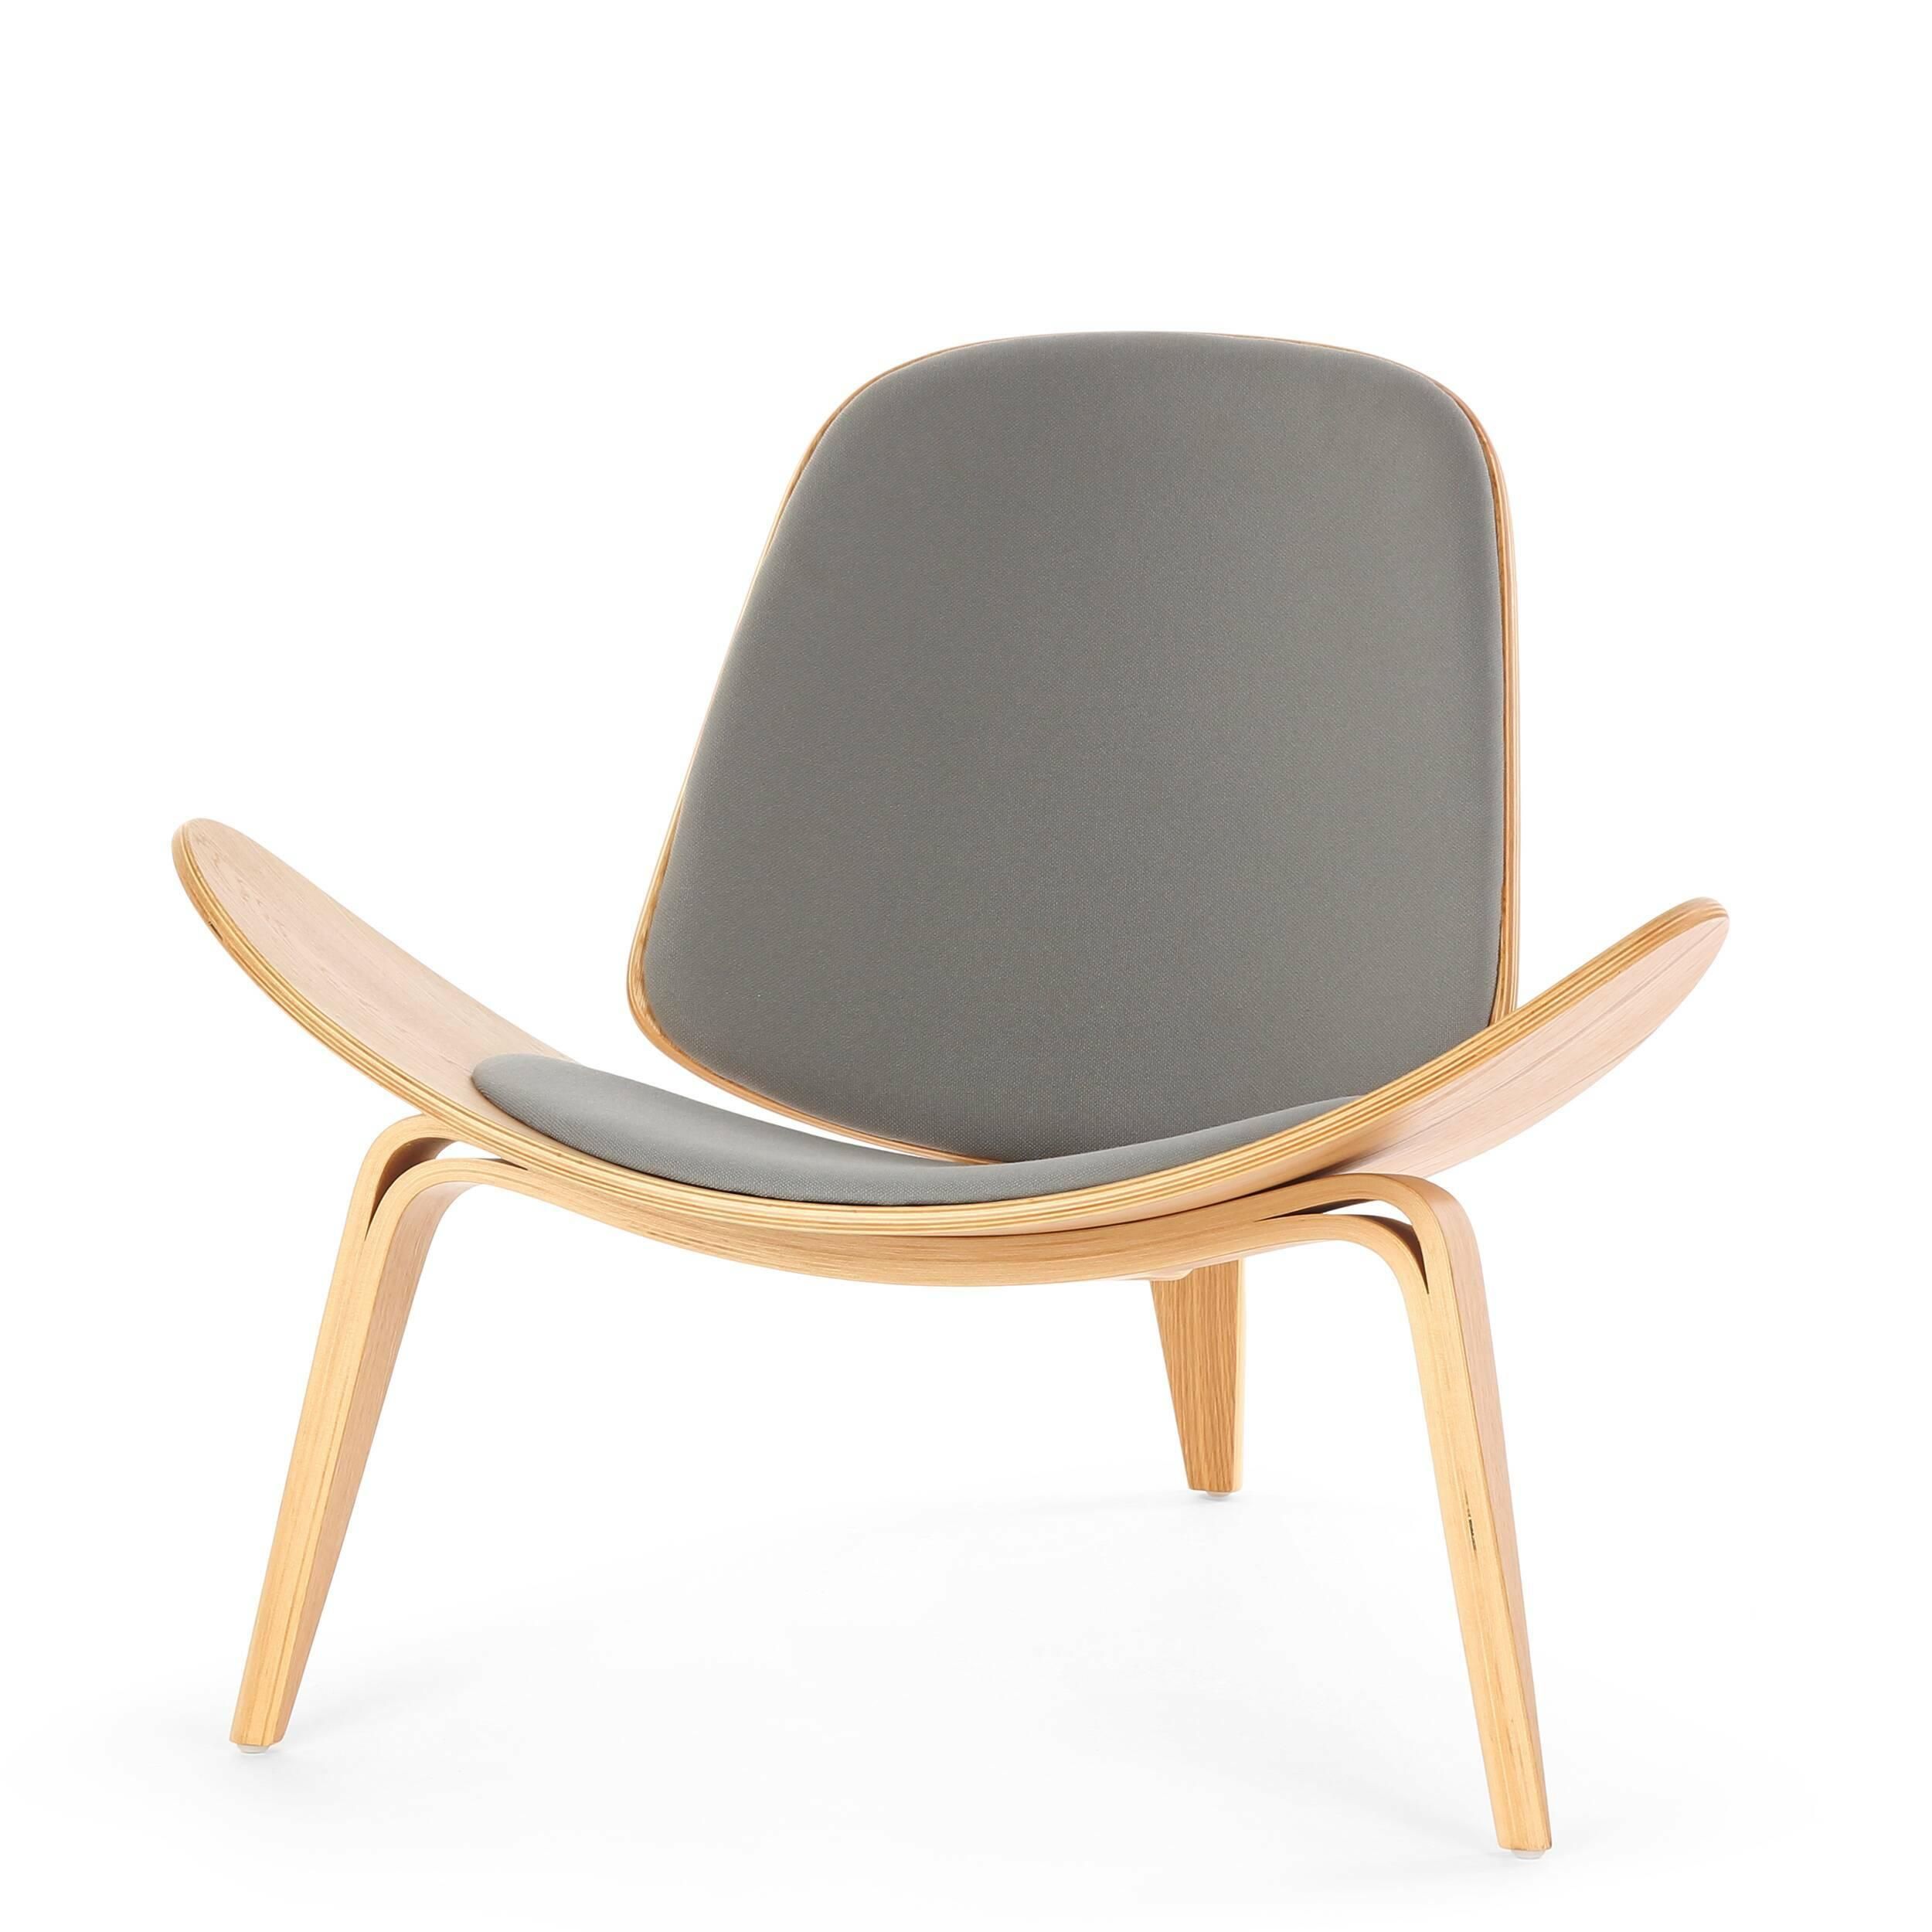 Кресло ShellИнтерьерные<br>Дизайнерское стильное кресло Shell (Шелл) с обивкой на трех ножках от Cosmo (Космо).<br><br><br> На протяжении десятилетий имя Ханса Вегнера связывалось с модернистской школой, которая превыше всего ценит функциональные аспекты. Его кресло на трех ножках Shell впервые появилось на публике в 1963 году и явилось олицетворением давней любви Ханса Вегнера к дереву с одной стороны и оригинальному, но простому дизайну с другой. Тогда было выпущено лишь несколько ограниченных серий, после чего произво...<br><br>stock: 3<br>Высота: 74,5<br>Высота сиденья: 37<br>Ширина: 91<br>Глубина: 82<br>Материал каркаса: Дуб белый<br>Материал обивки: Ткань<br>Цвет обивки: Серый<br>Цвет каркаса: Натуральный